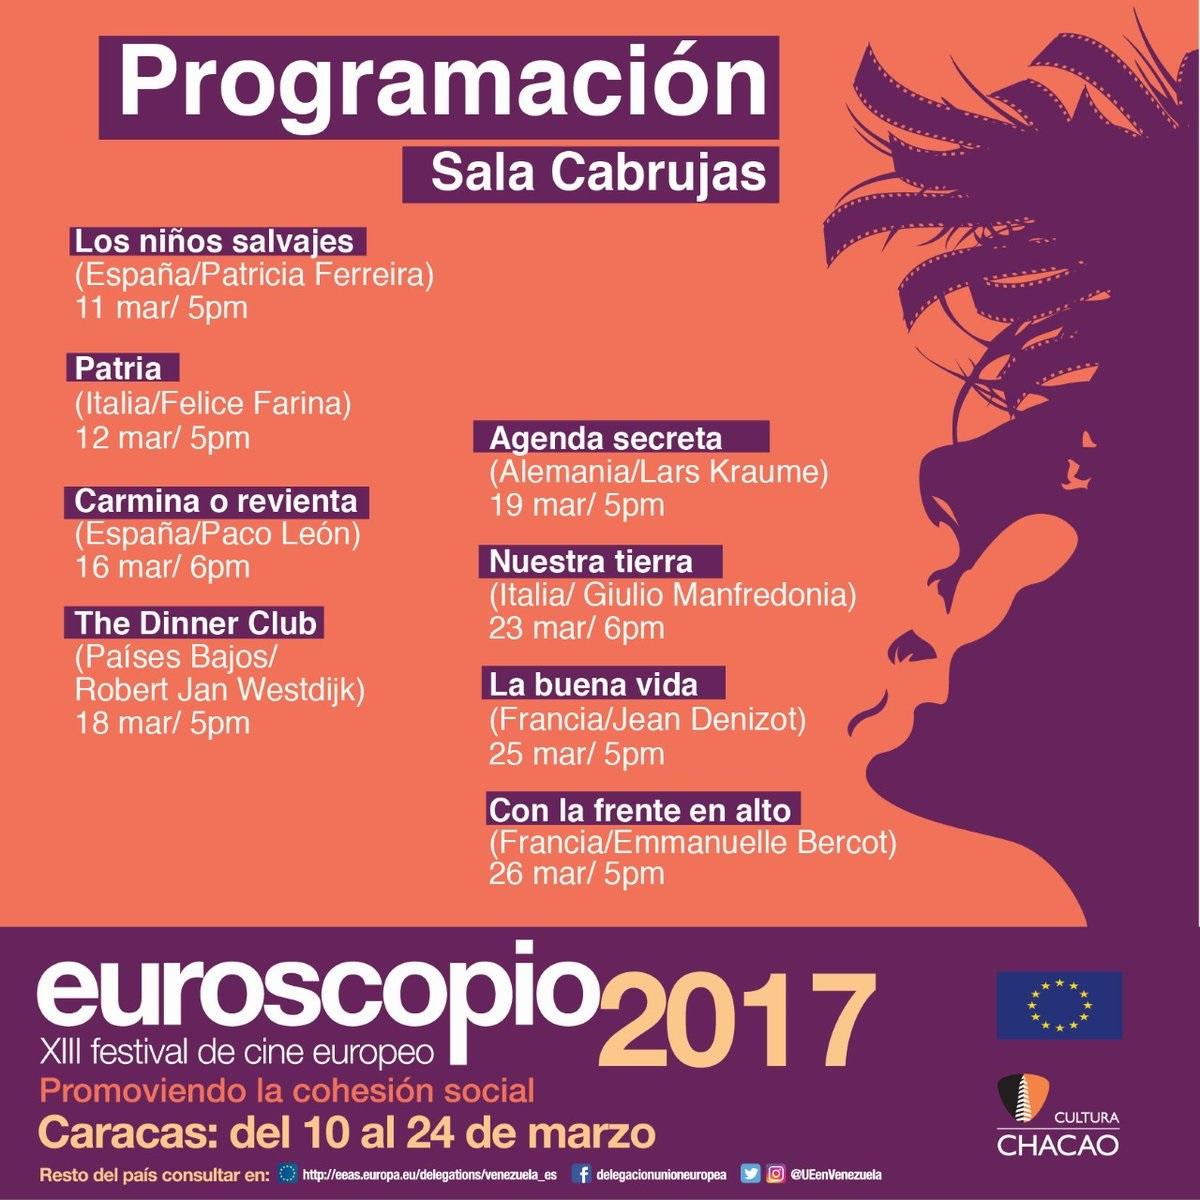 Euroscopio 2017, XIII Fstival de cine europeo, @UEenVenezuela